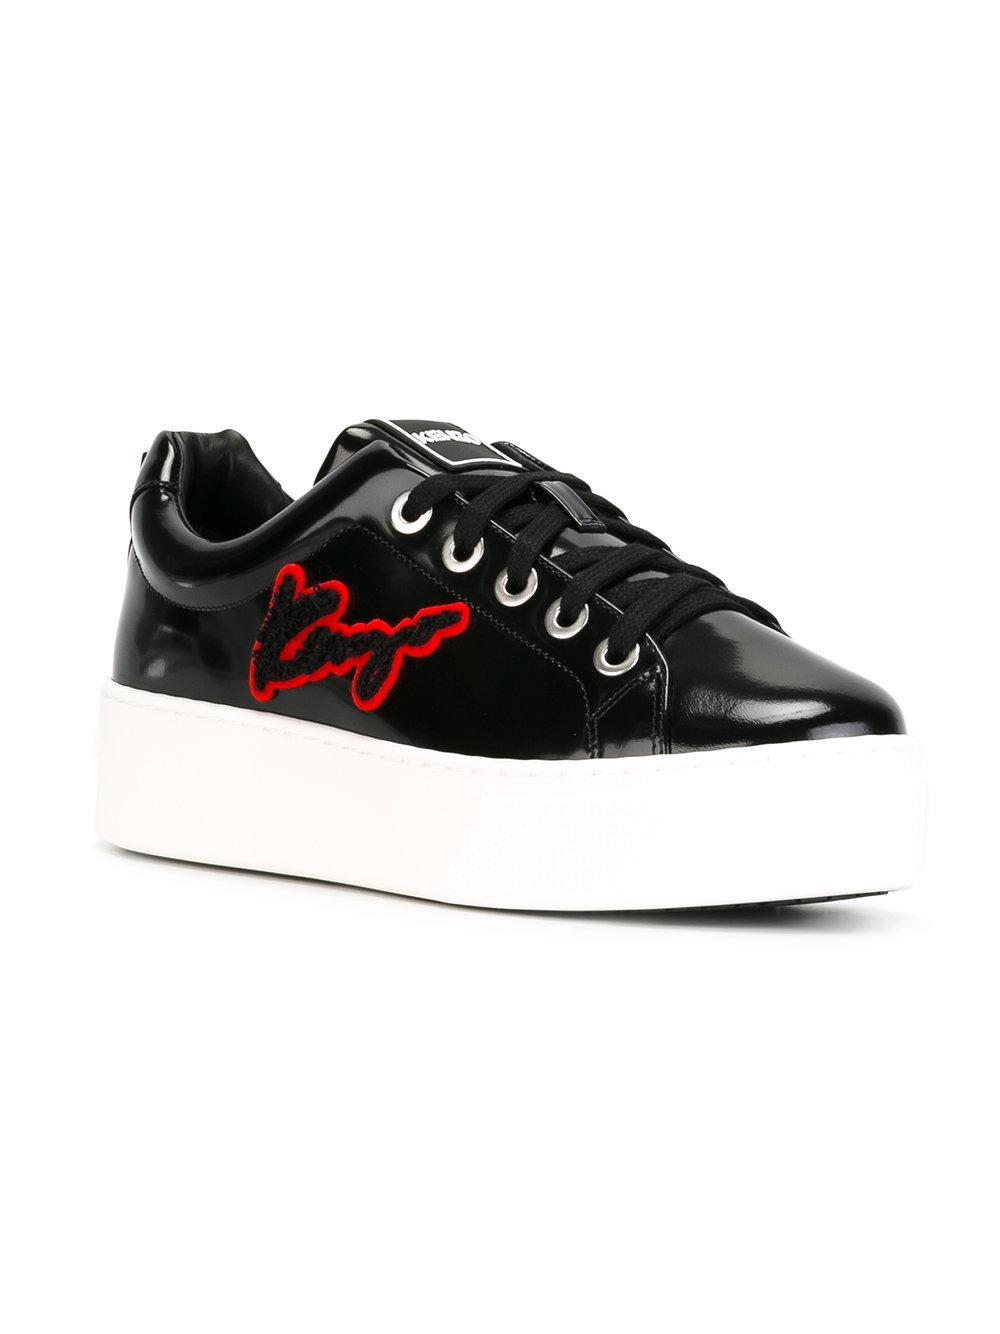 KENZO K-lace Sneakers in Black